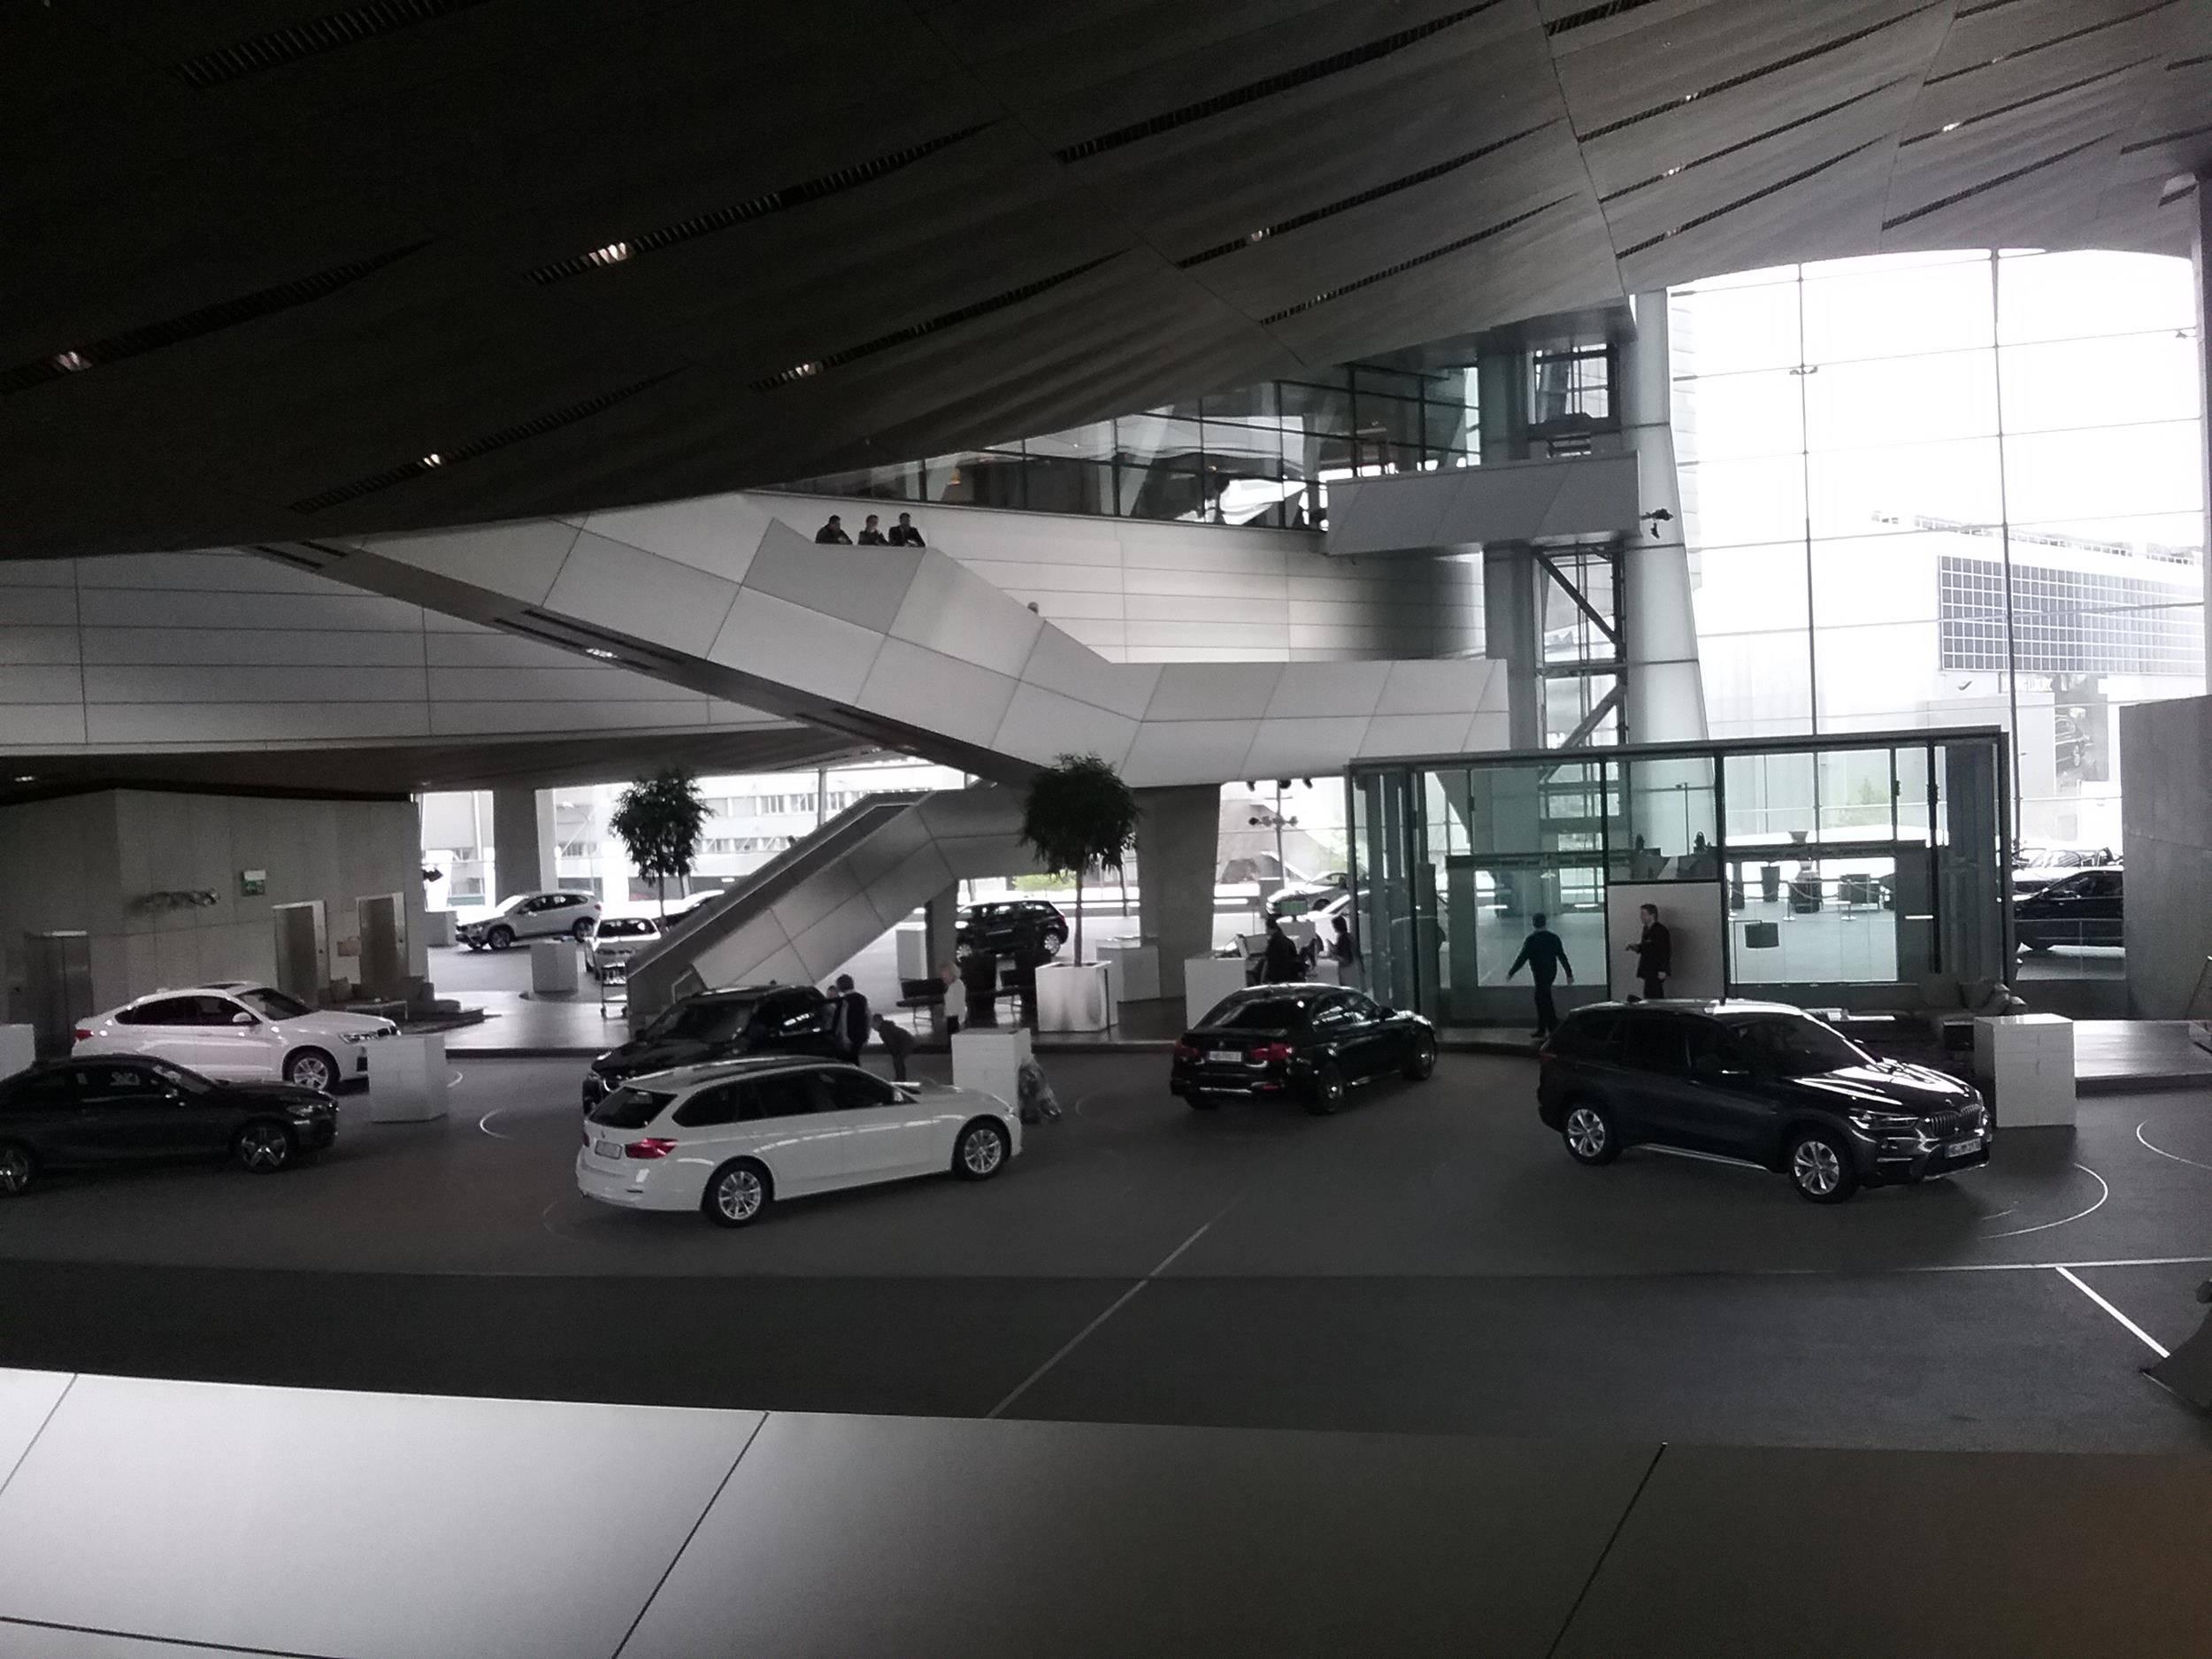 Мир и музей bmw (bmw welt und museum)